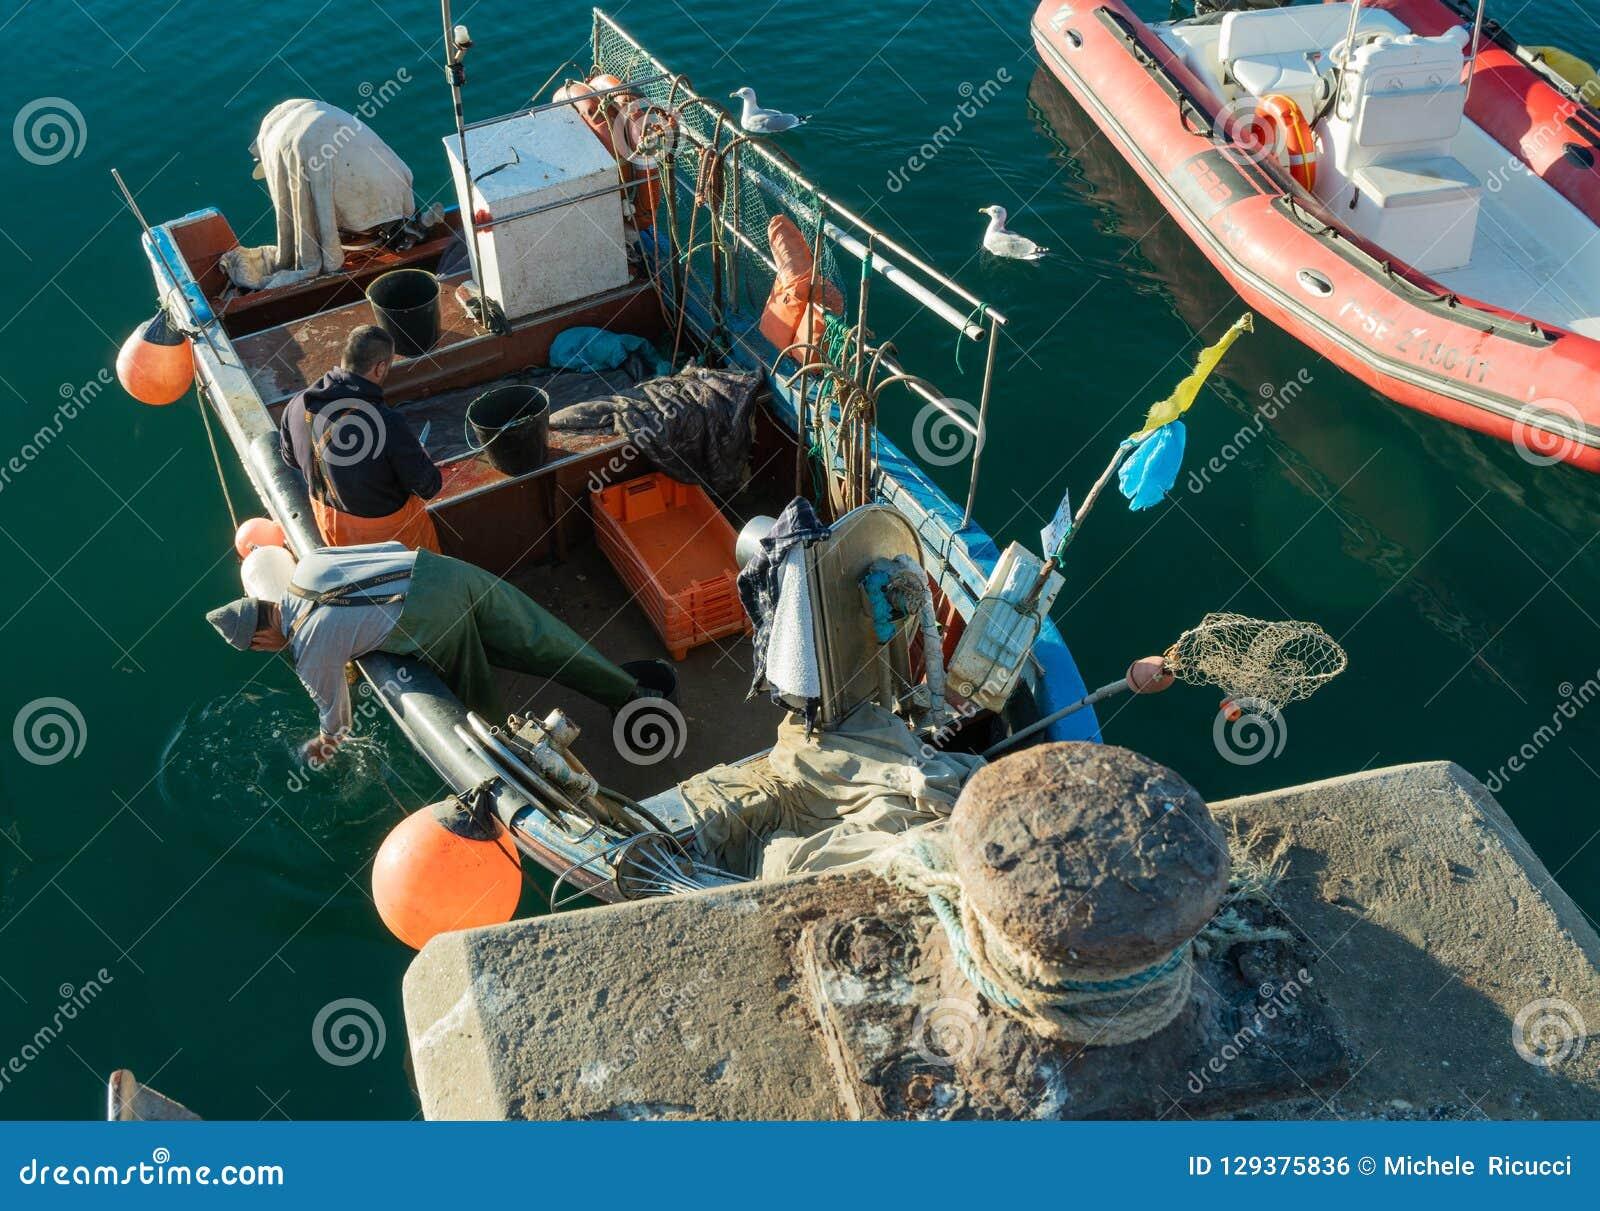 El pescador limpia sus pescados en el barco